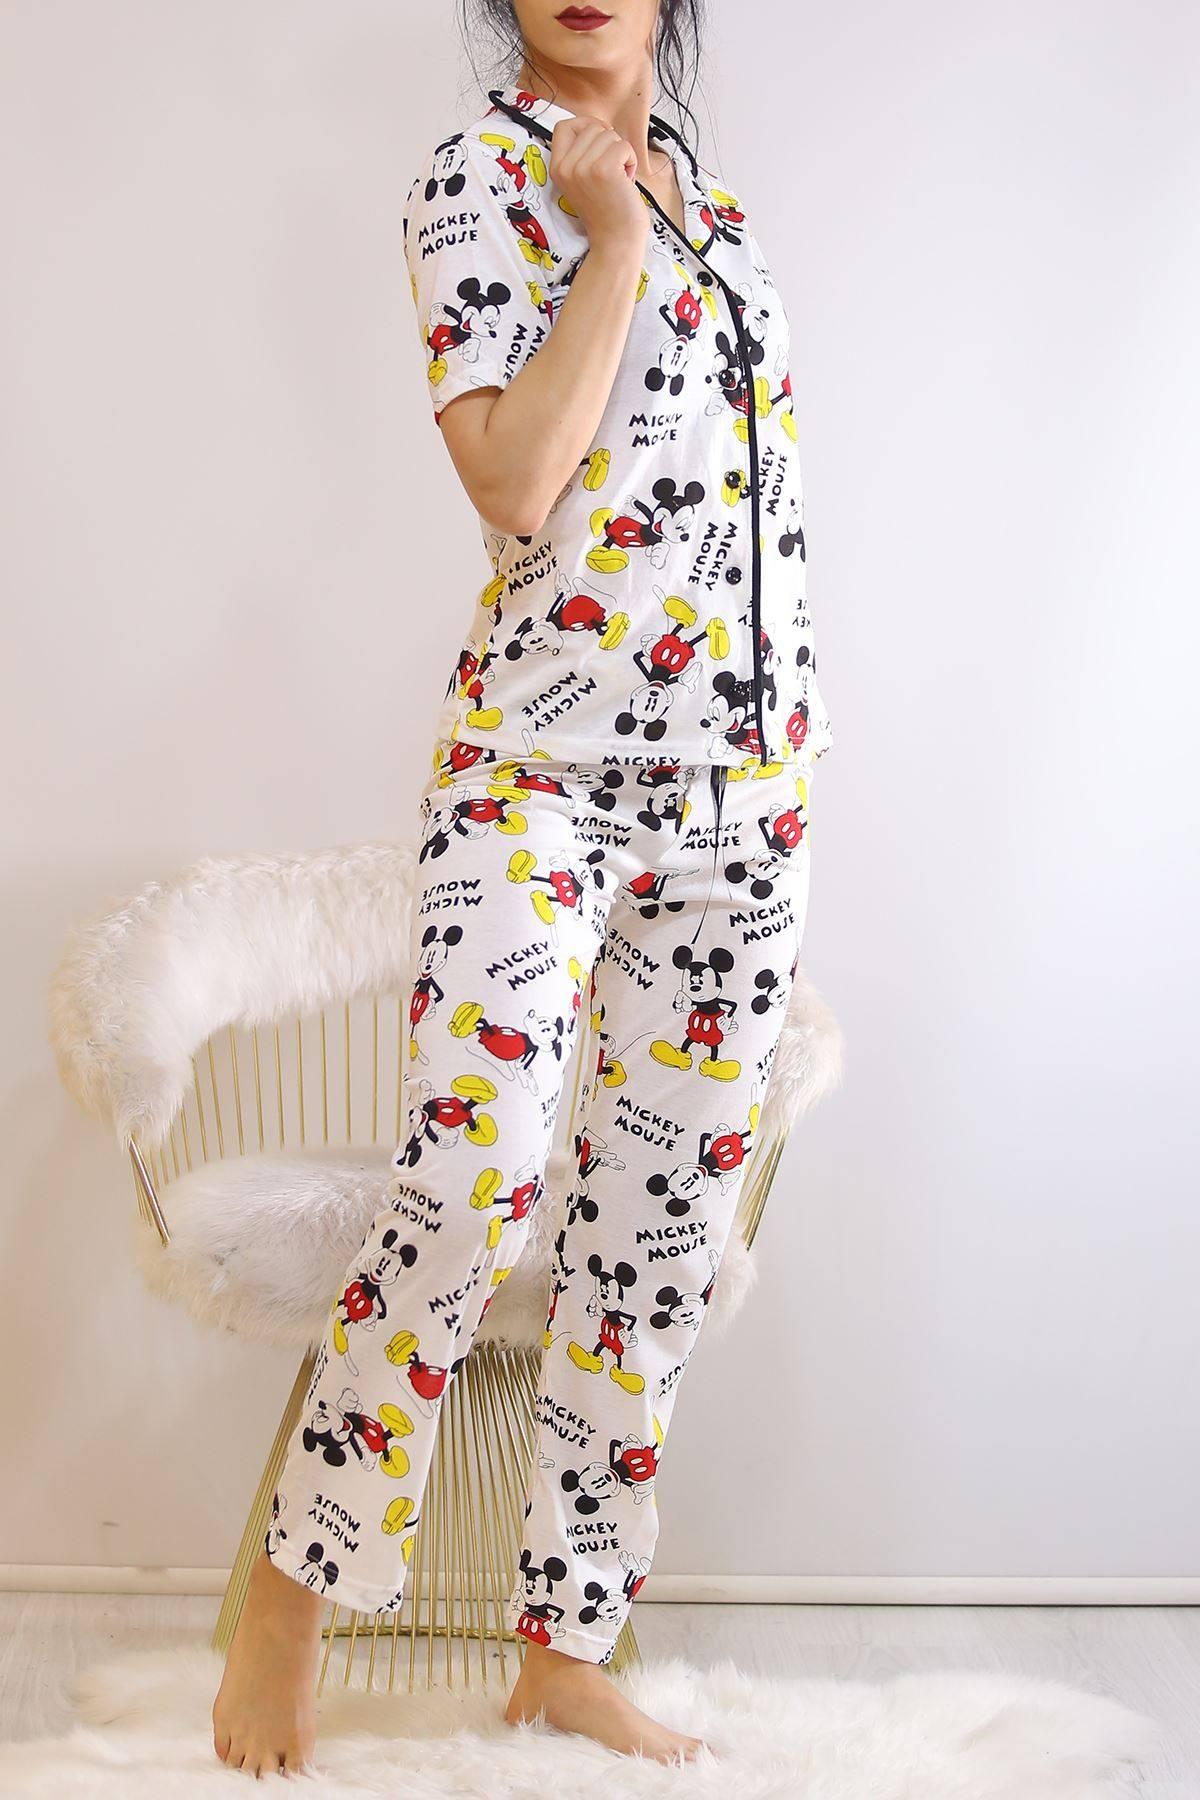 Düğmeli Pijama Takımı Desenlibeyaz - 4782.102.